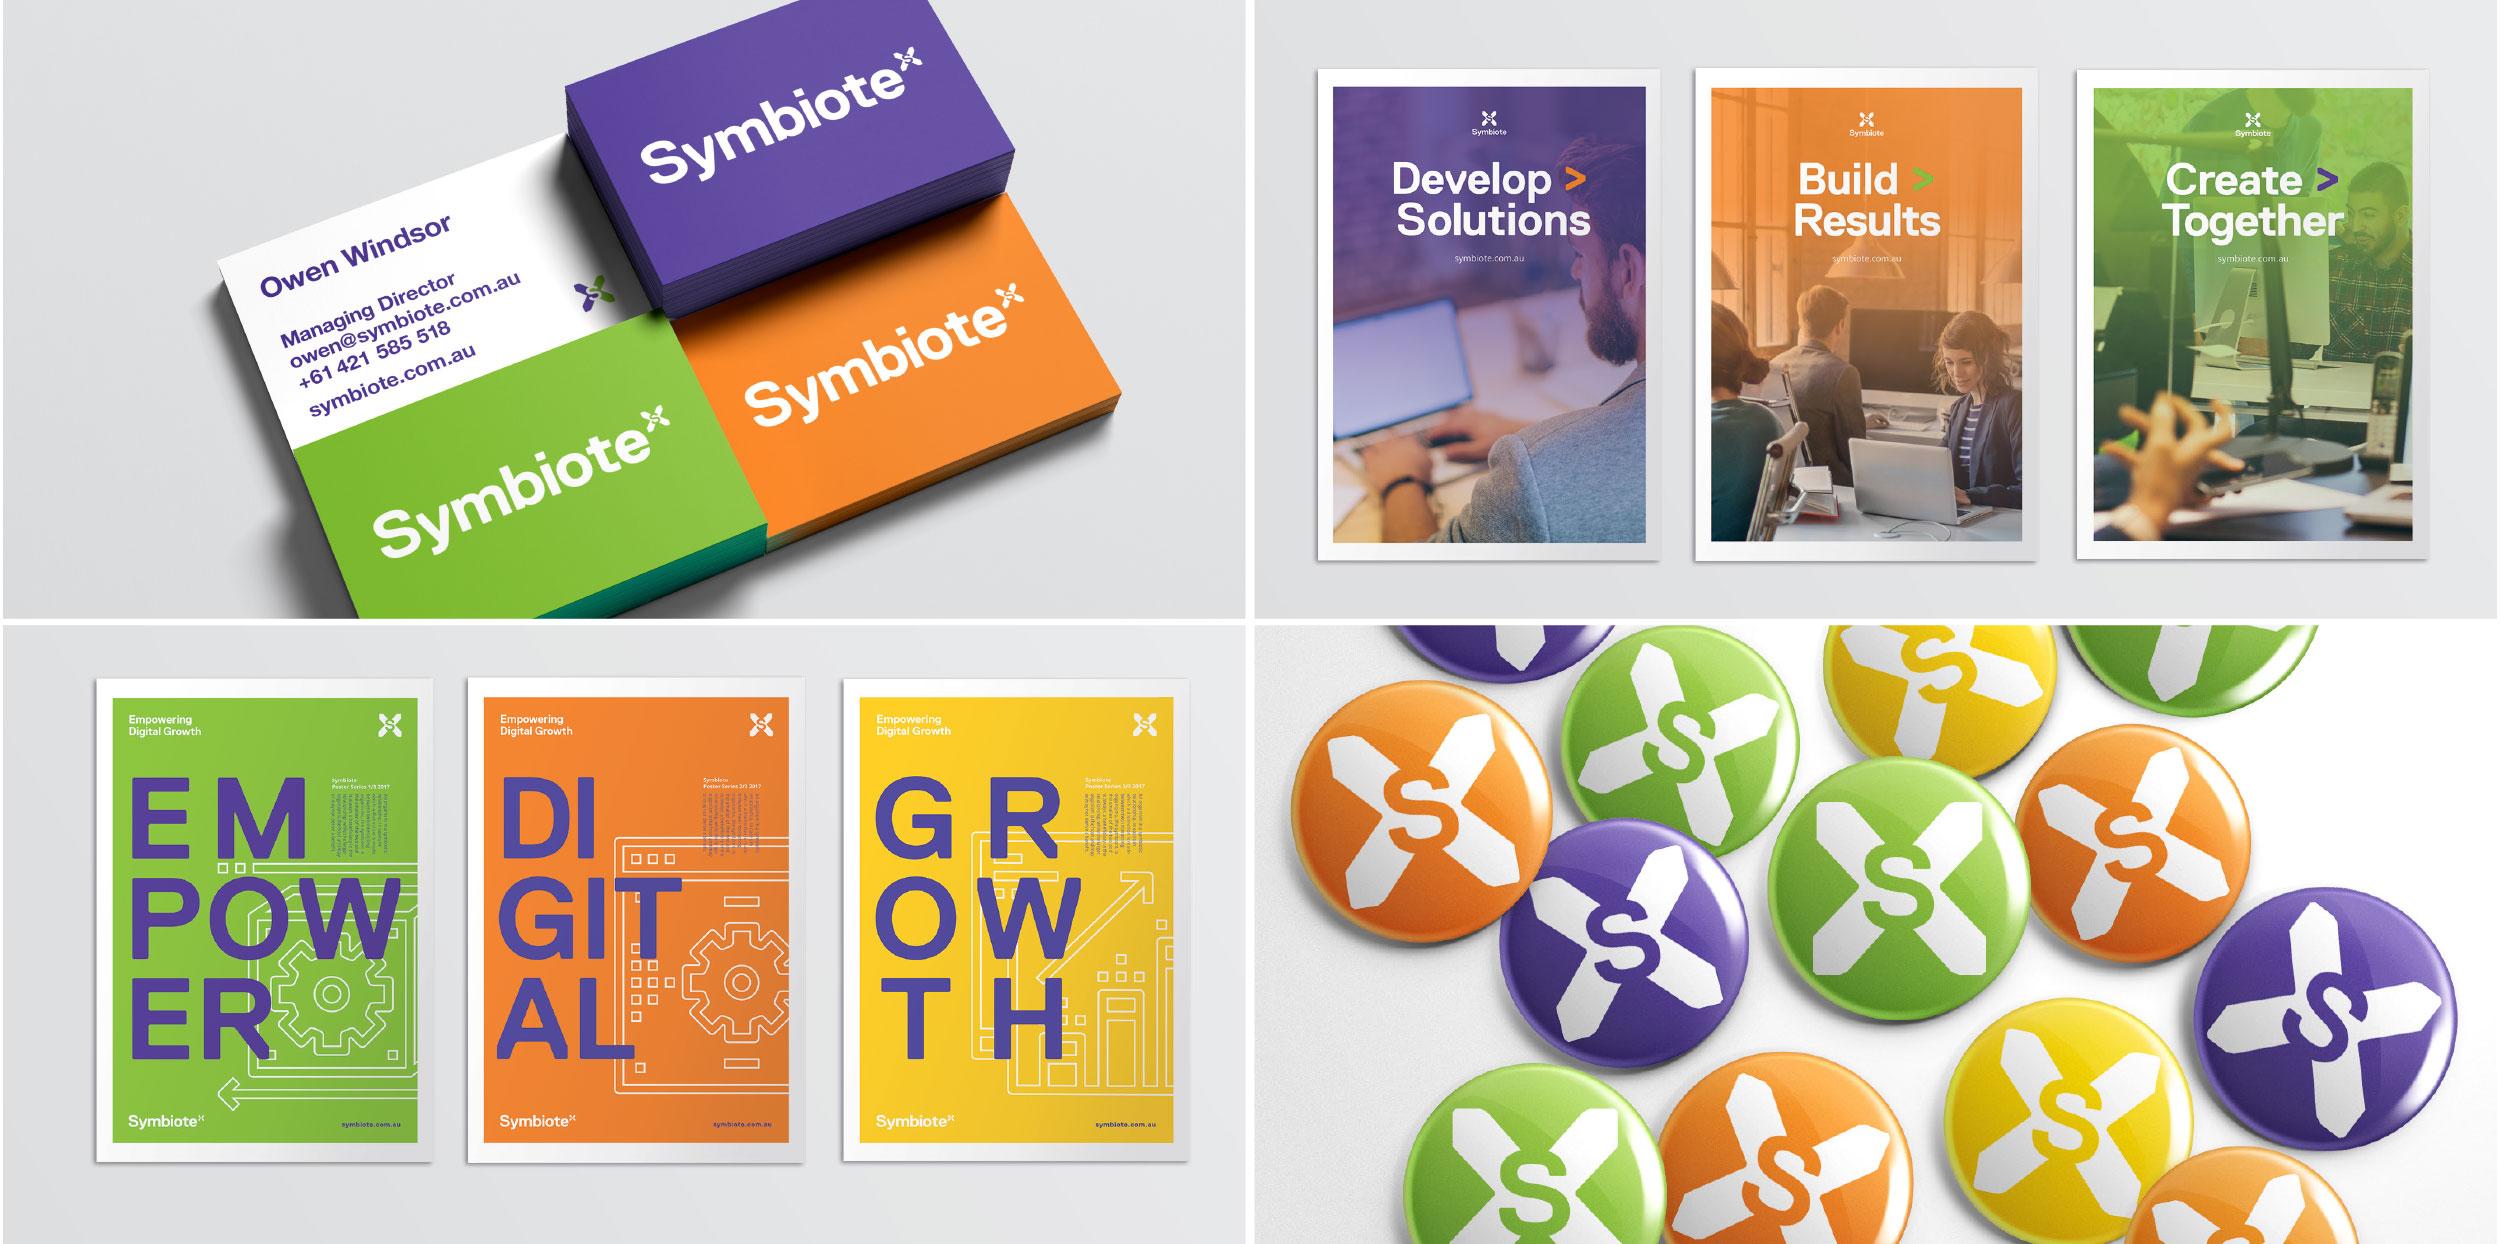 Handle-Sydney-Branding_Guidelines_Branding-Symbiote_03.jpg